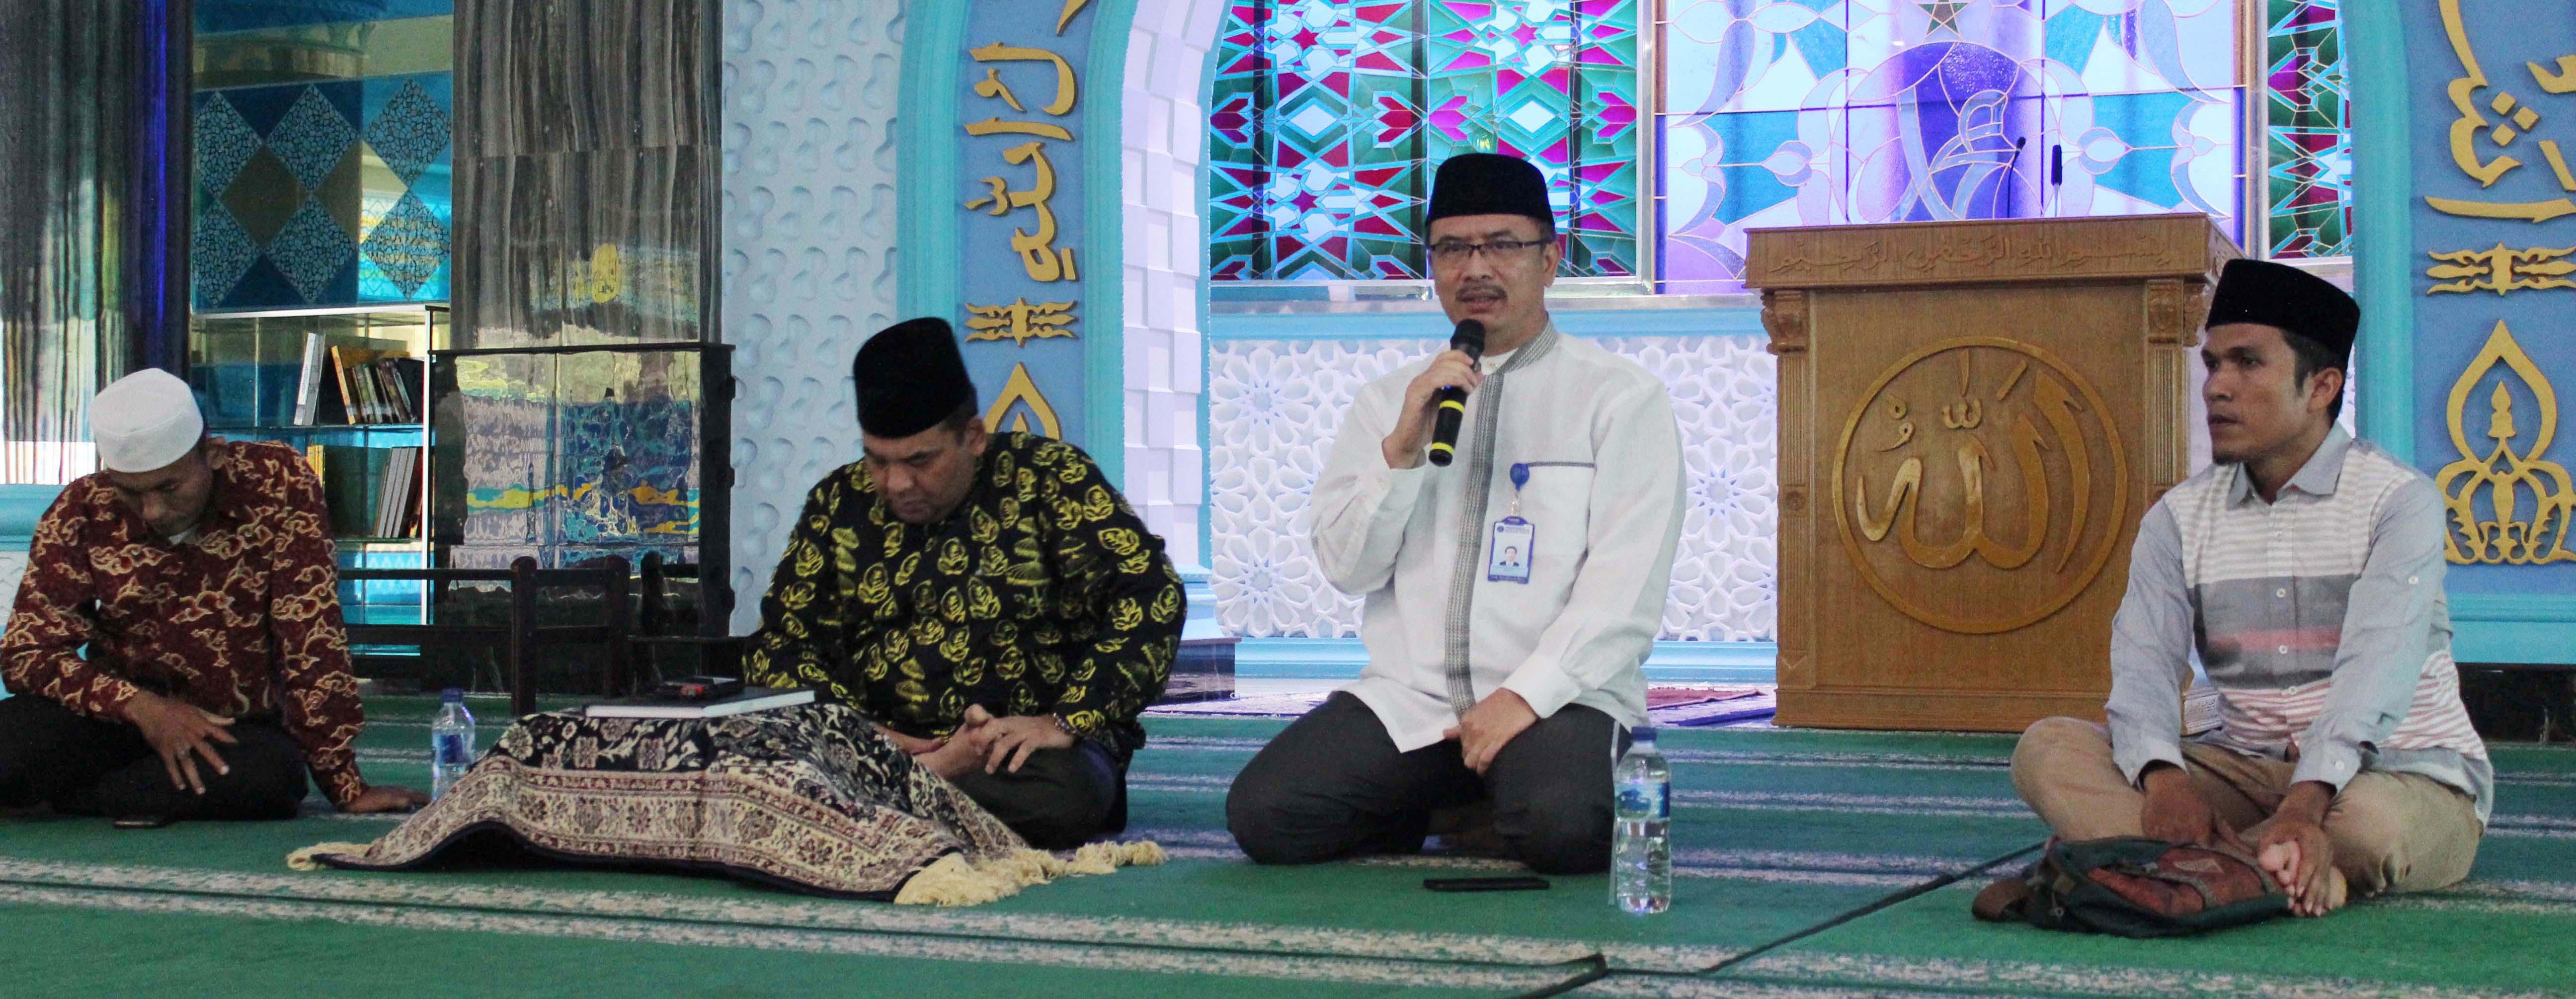 sambutan-rektor-pengajian-mesjid-taqwa-september-2019.JPG